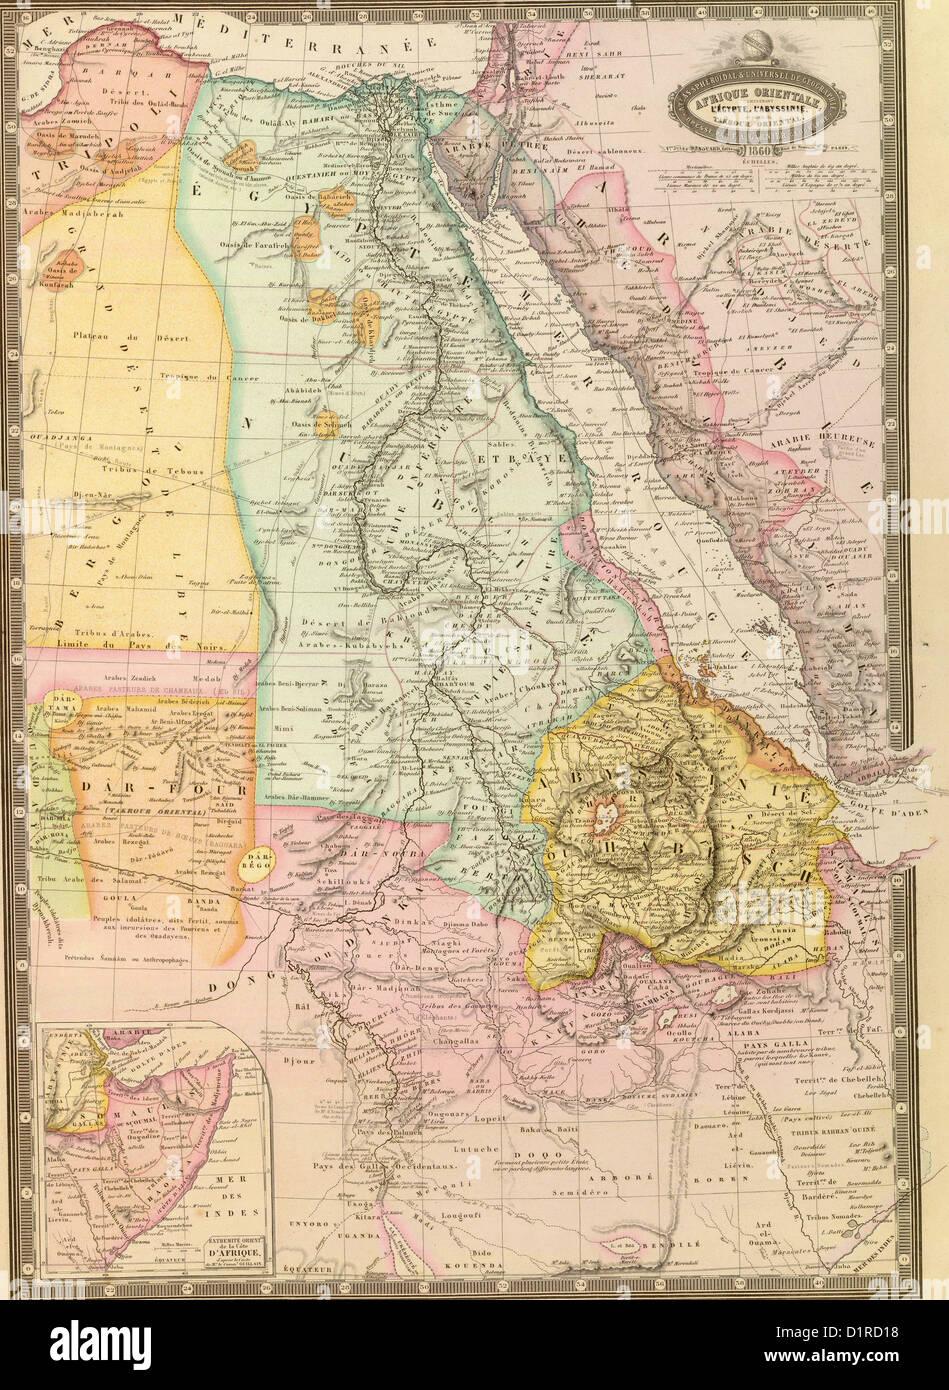 Egypt Tripoli Sudan Abyssinia Saudi Arabia Palestine Africa - Vintage map of egypt